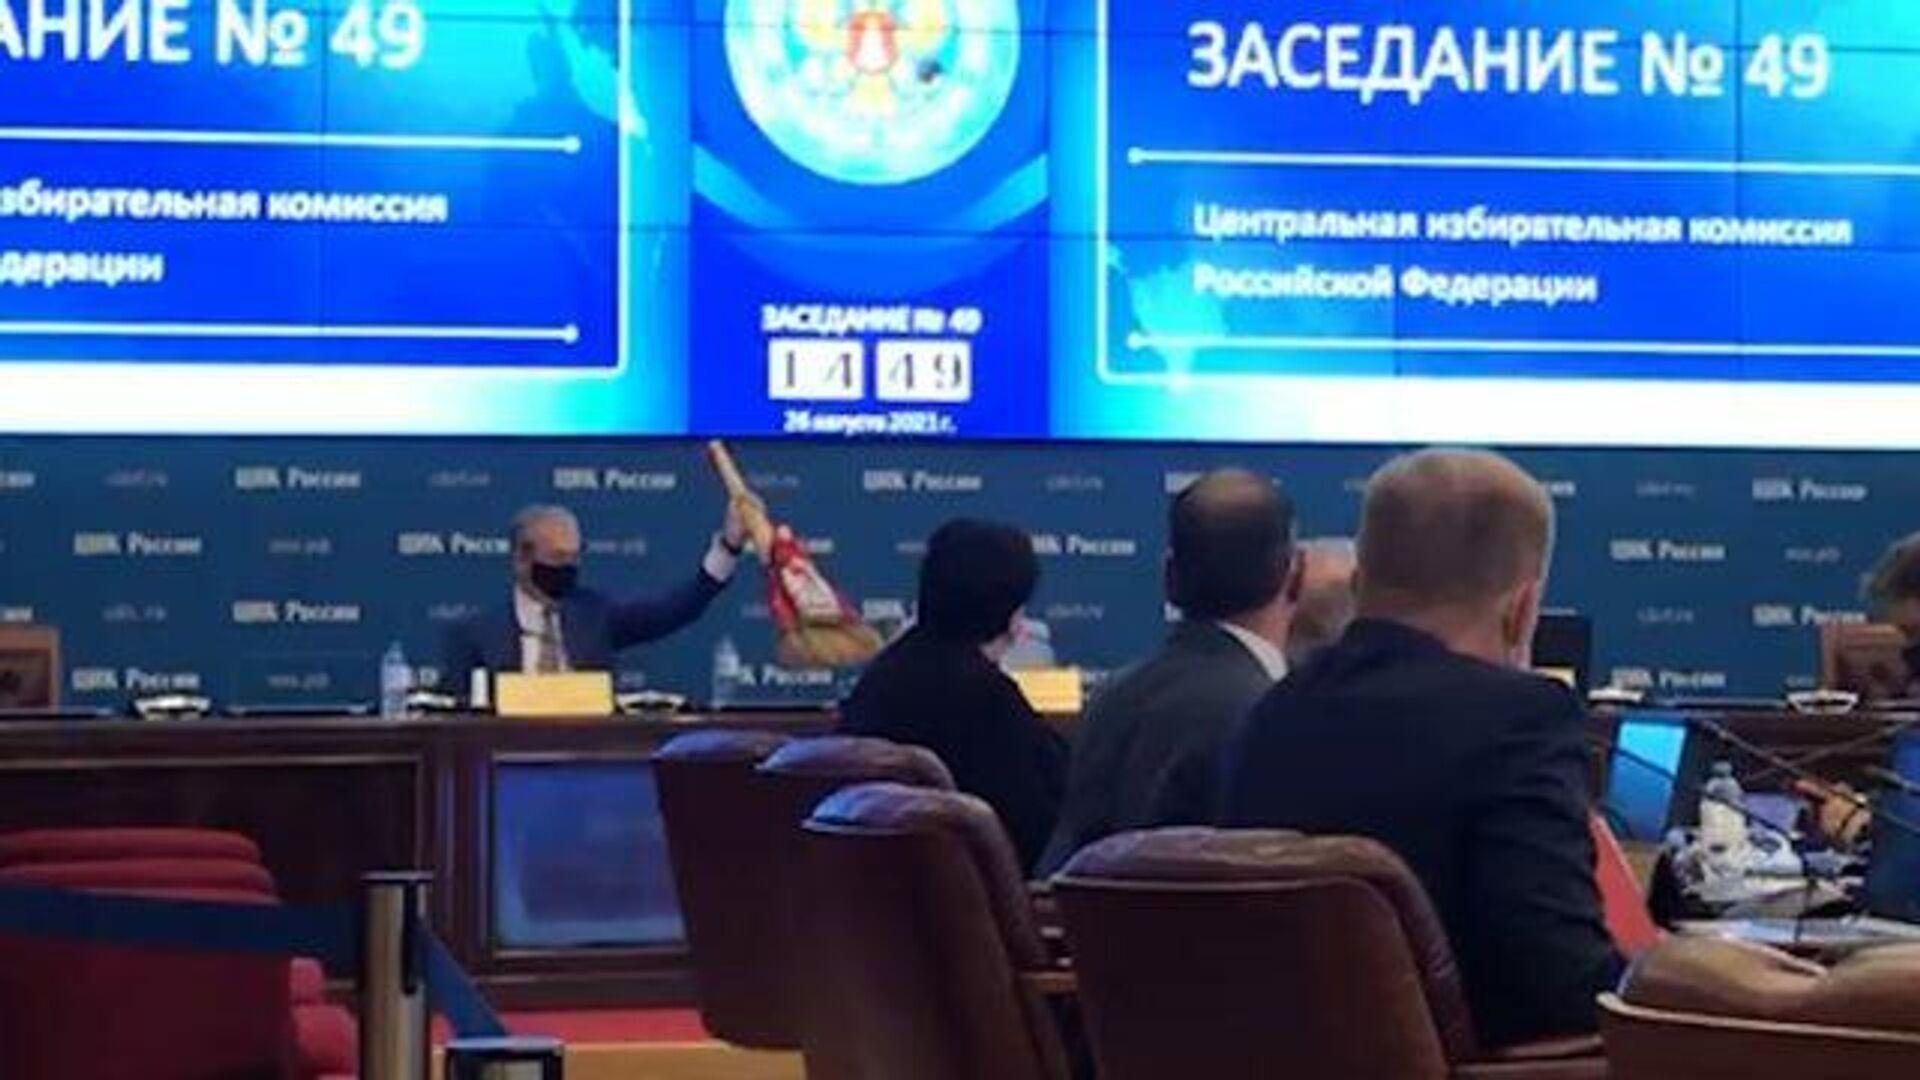 ЦИК потребовал исключить несколько кандидатов на выборы в Госдуму